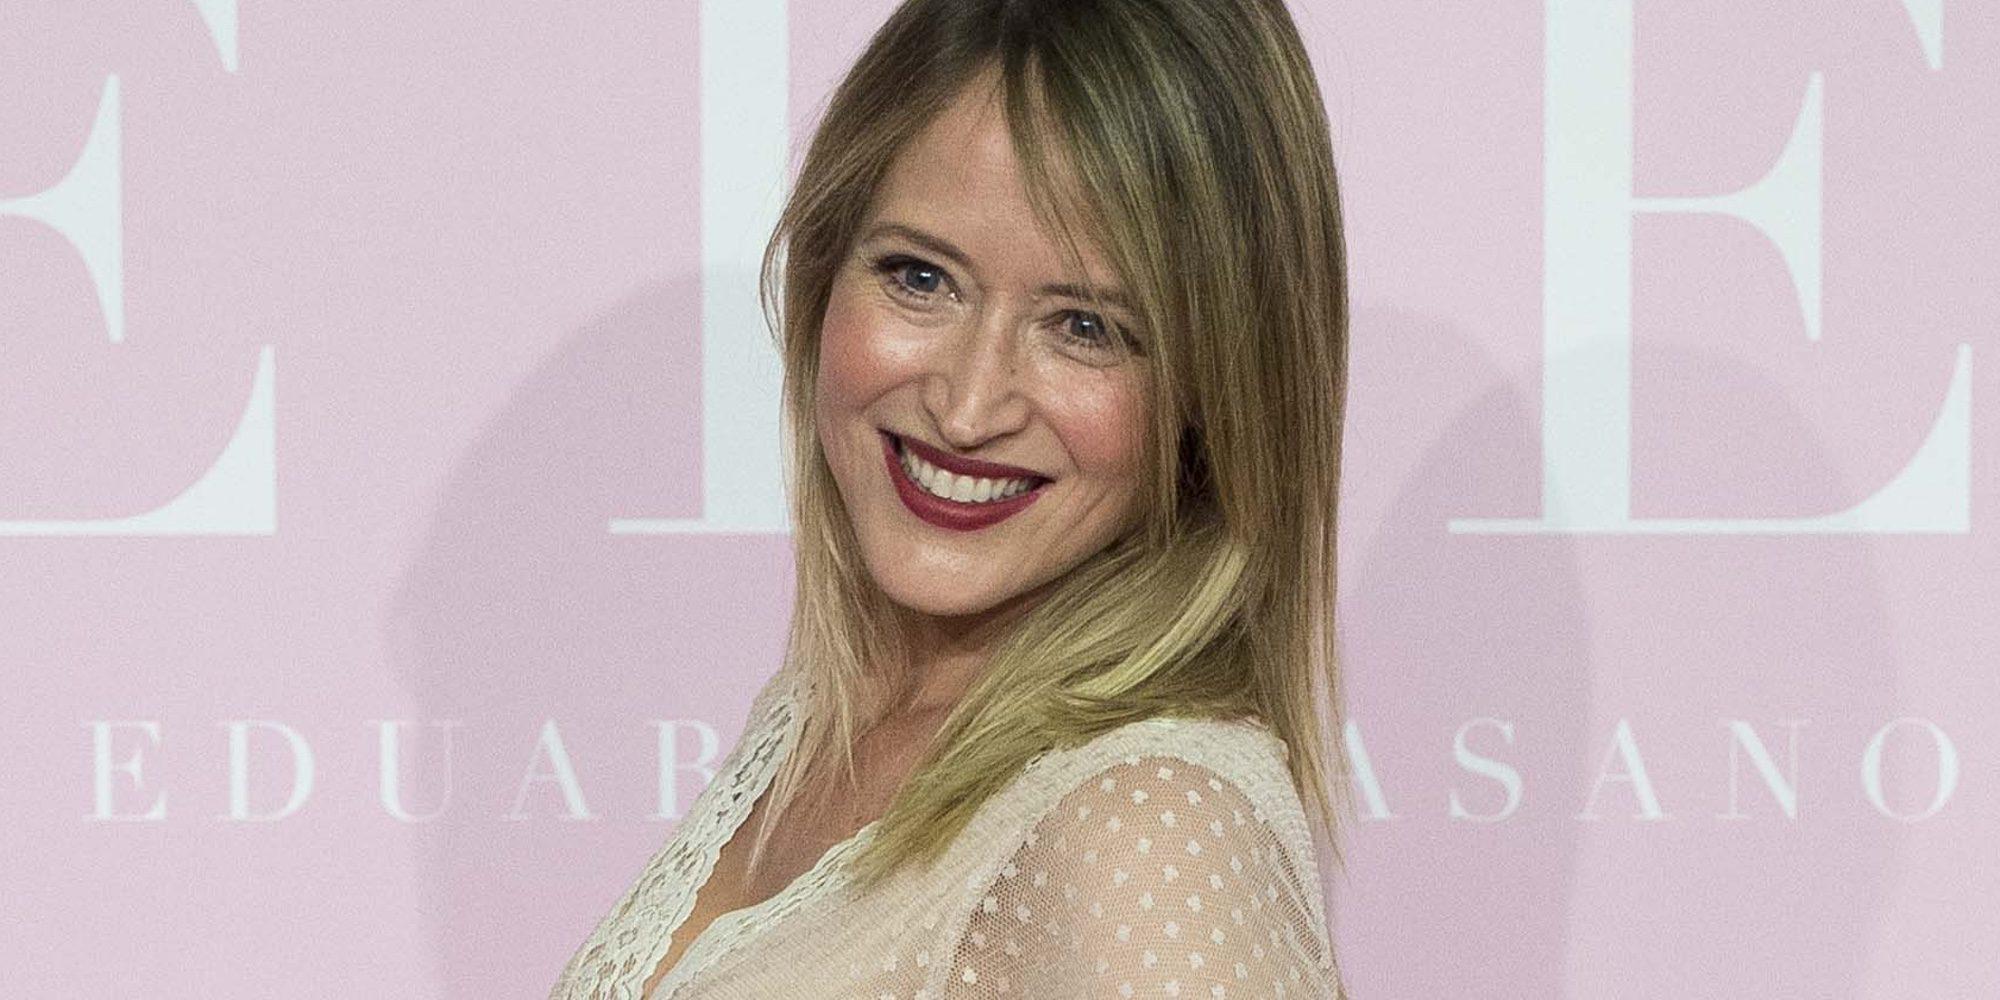 Marta Larralde, espectacular presumiendo de embarazo en el estreno de 'Pieles'